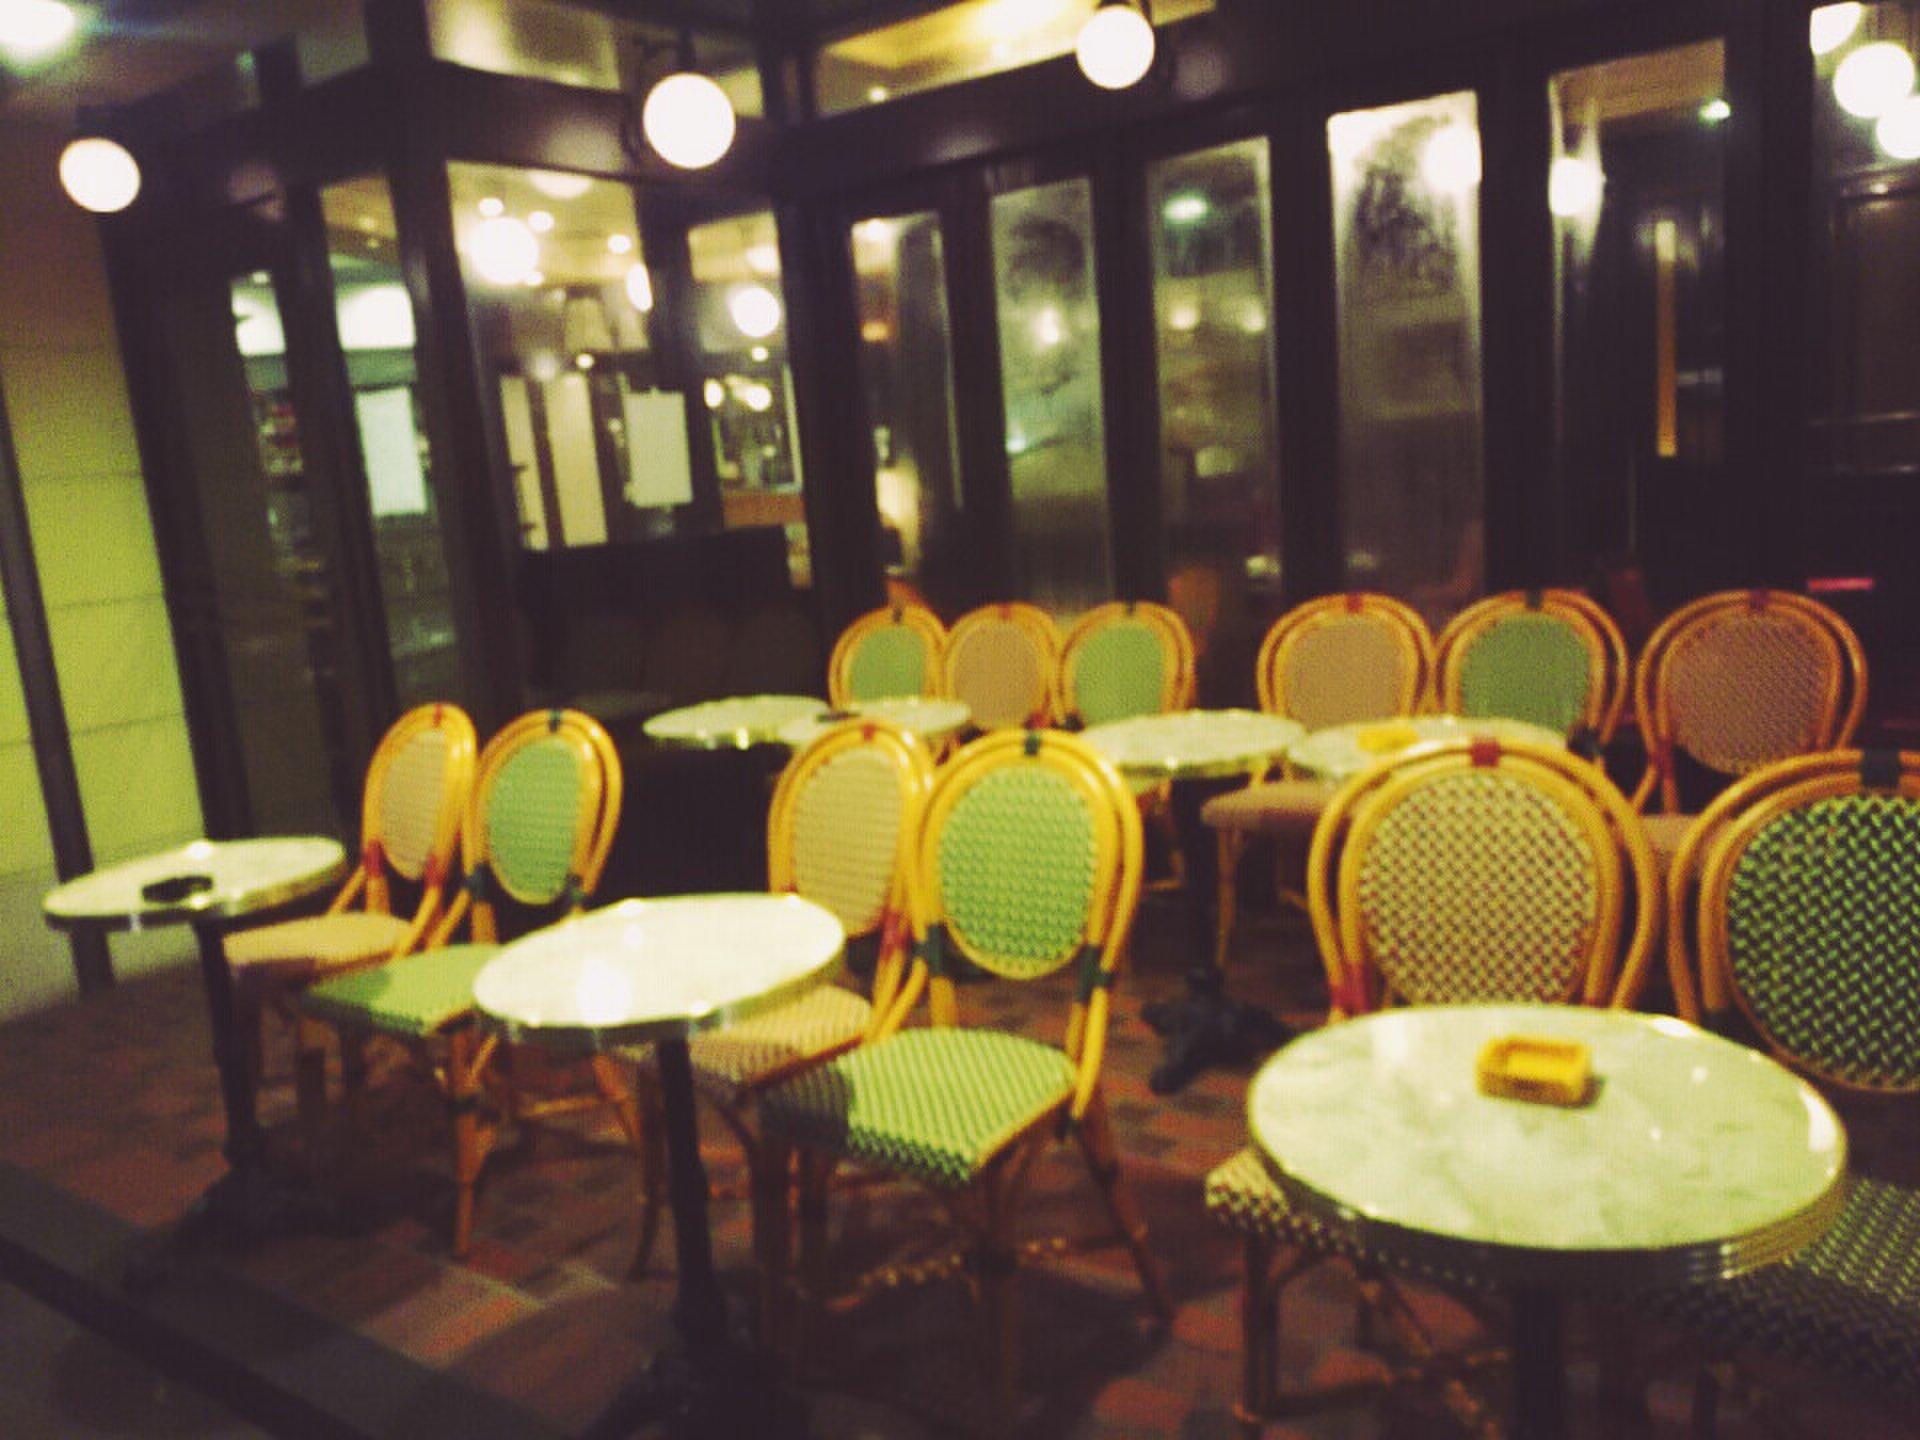 ここはパリ!?パリを再現したオープンテラス カフェで夜お茶♪オーバカナル銀座。